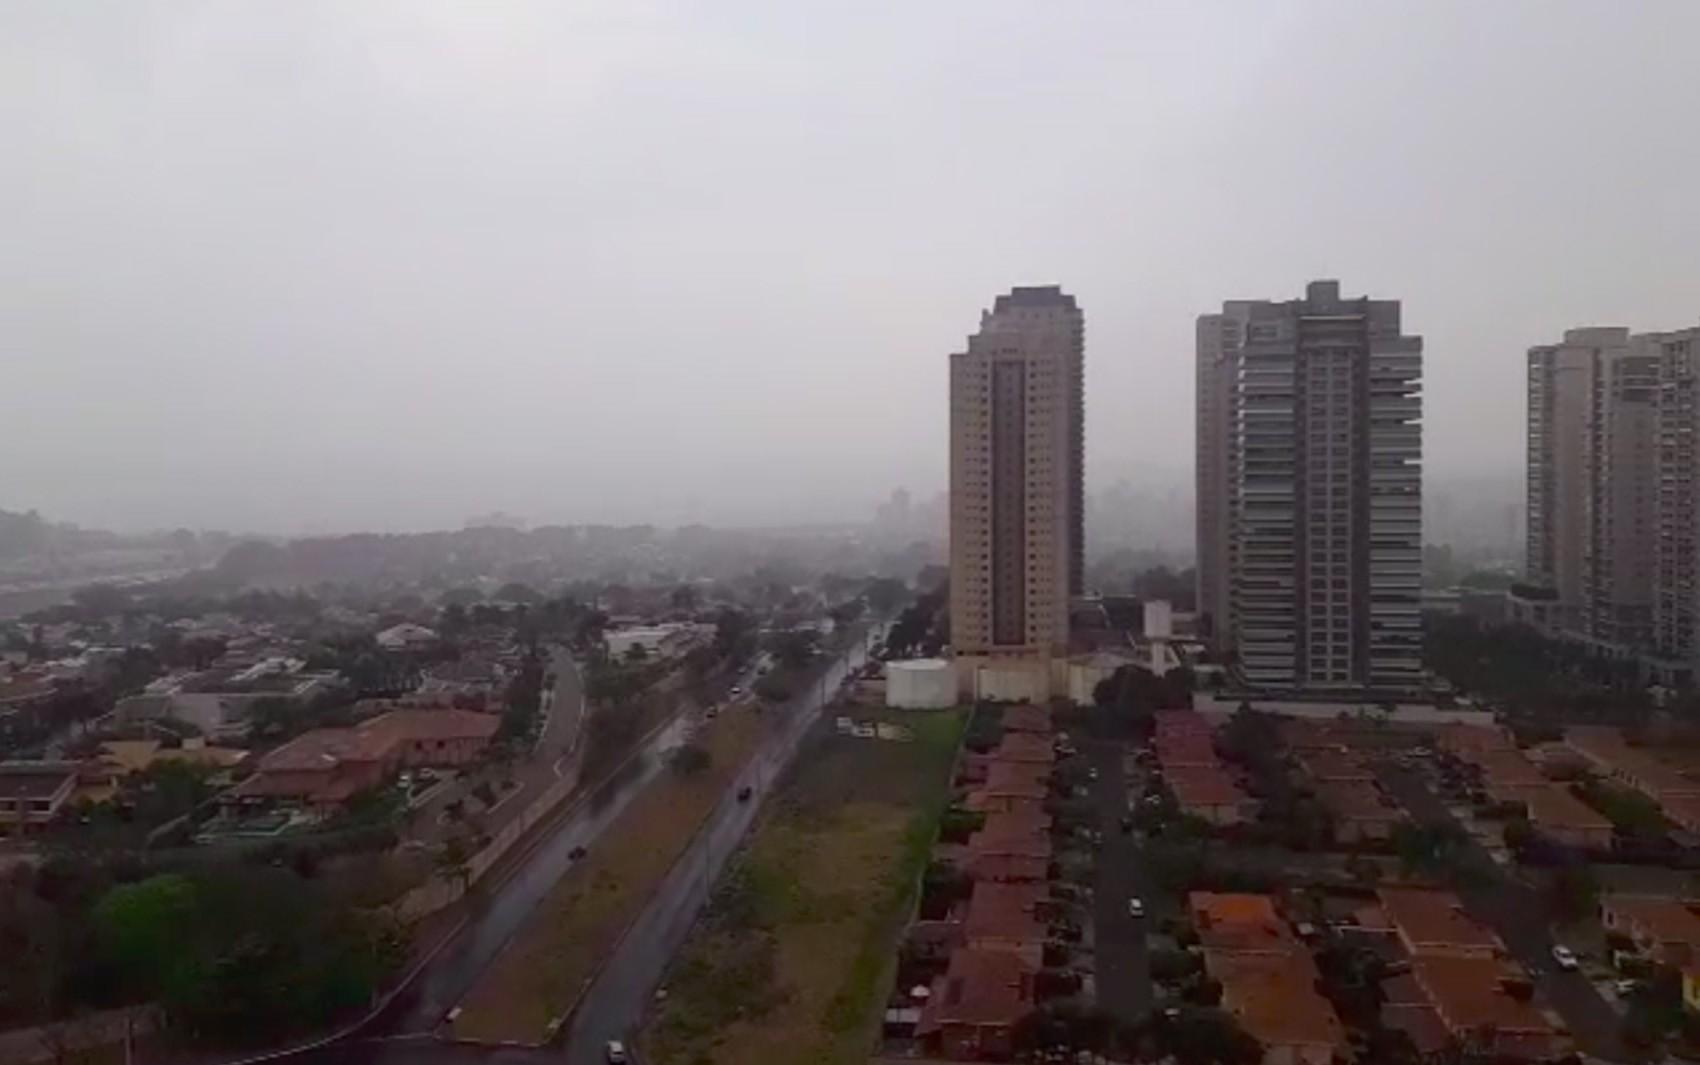 Apesar de pouca, chuva é suficiente para melhorar qualidade do ar em Ribeirão Preto